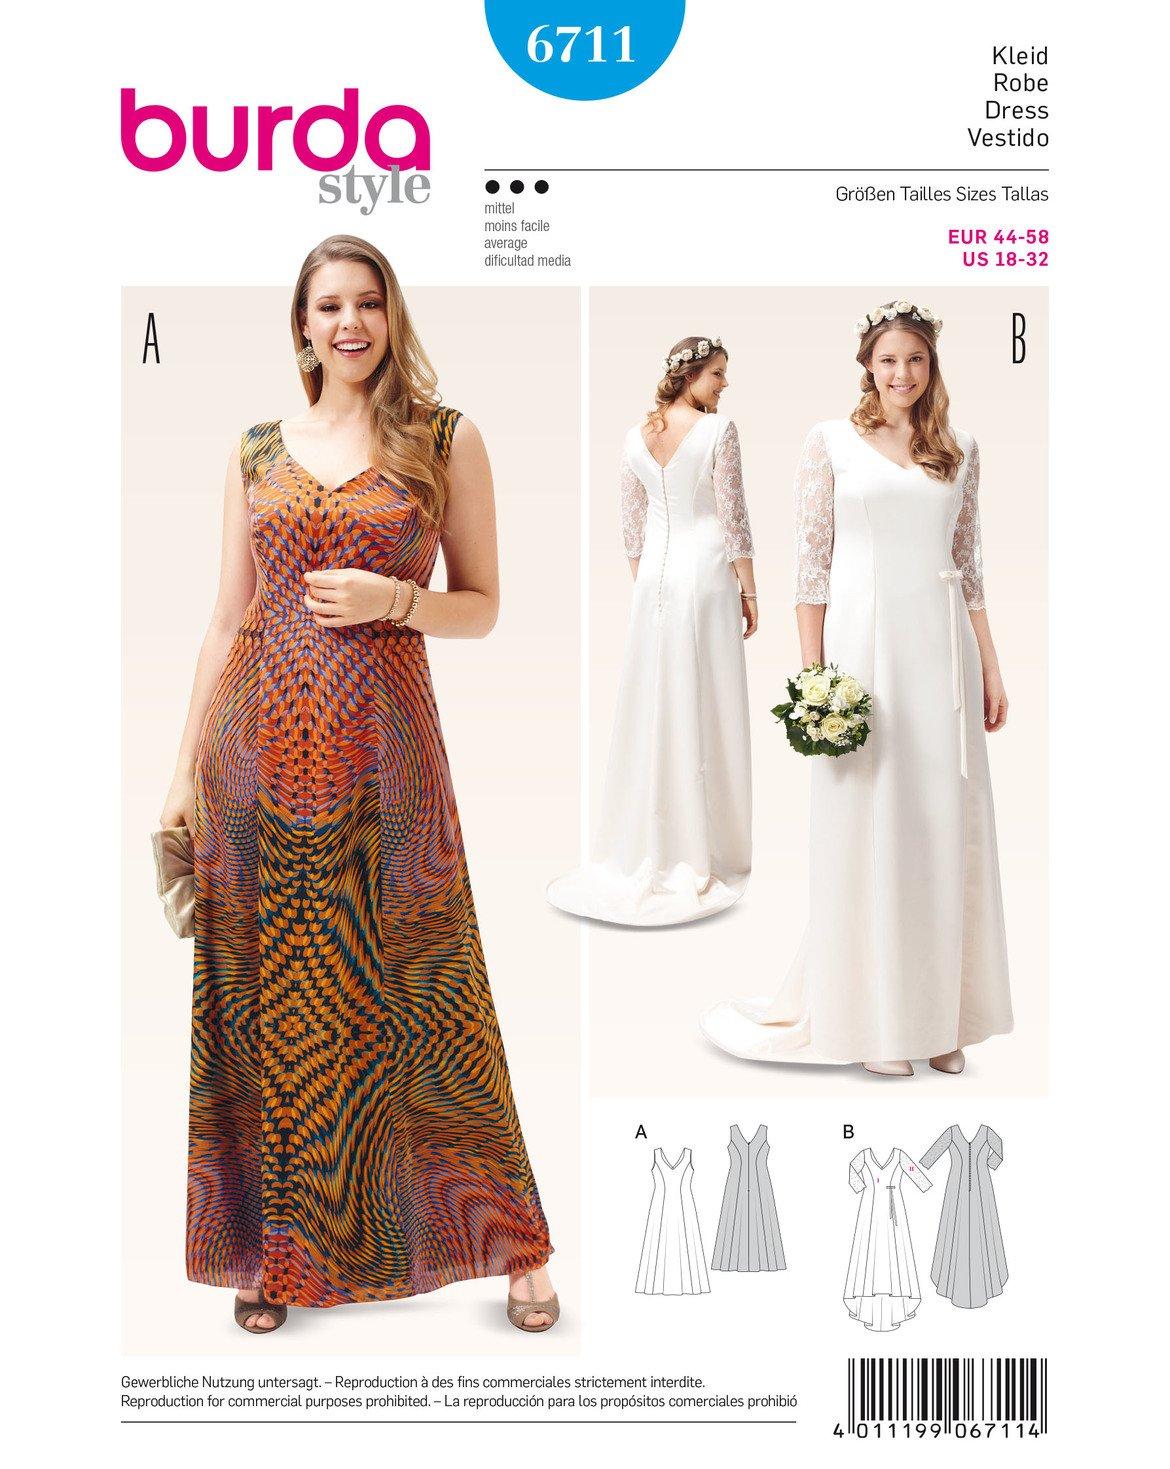 Burda 6711 Schnittmuster Abendkleid Brautkleid mit Spitzenärmeln ...